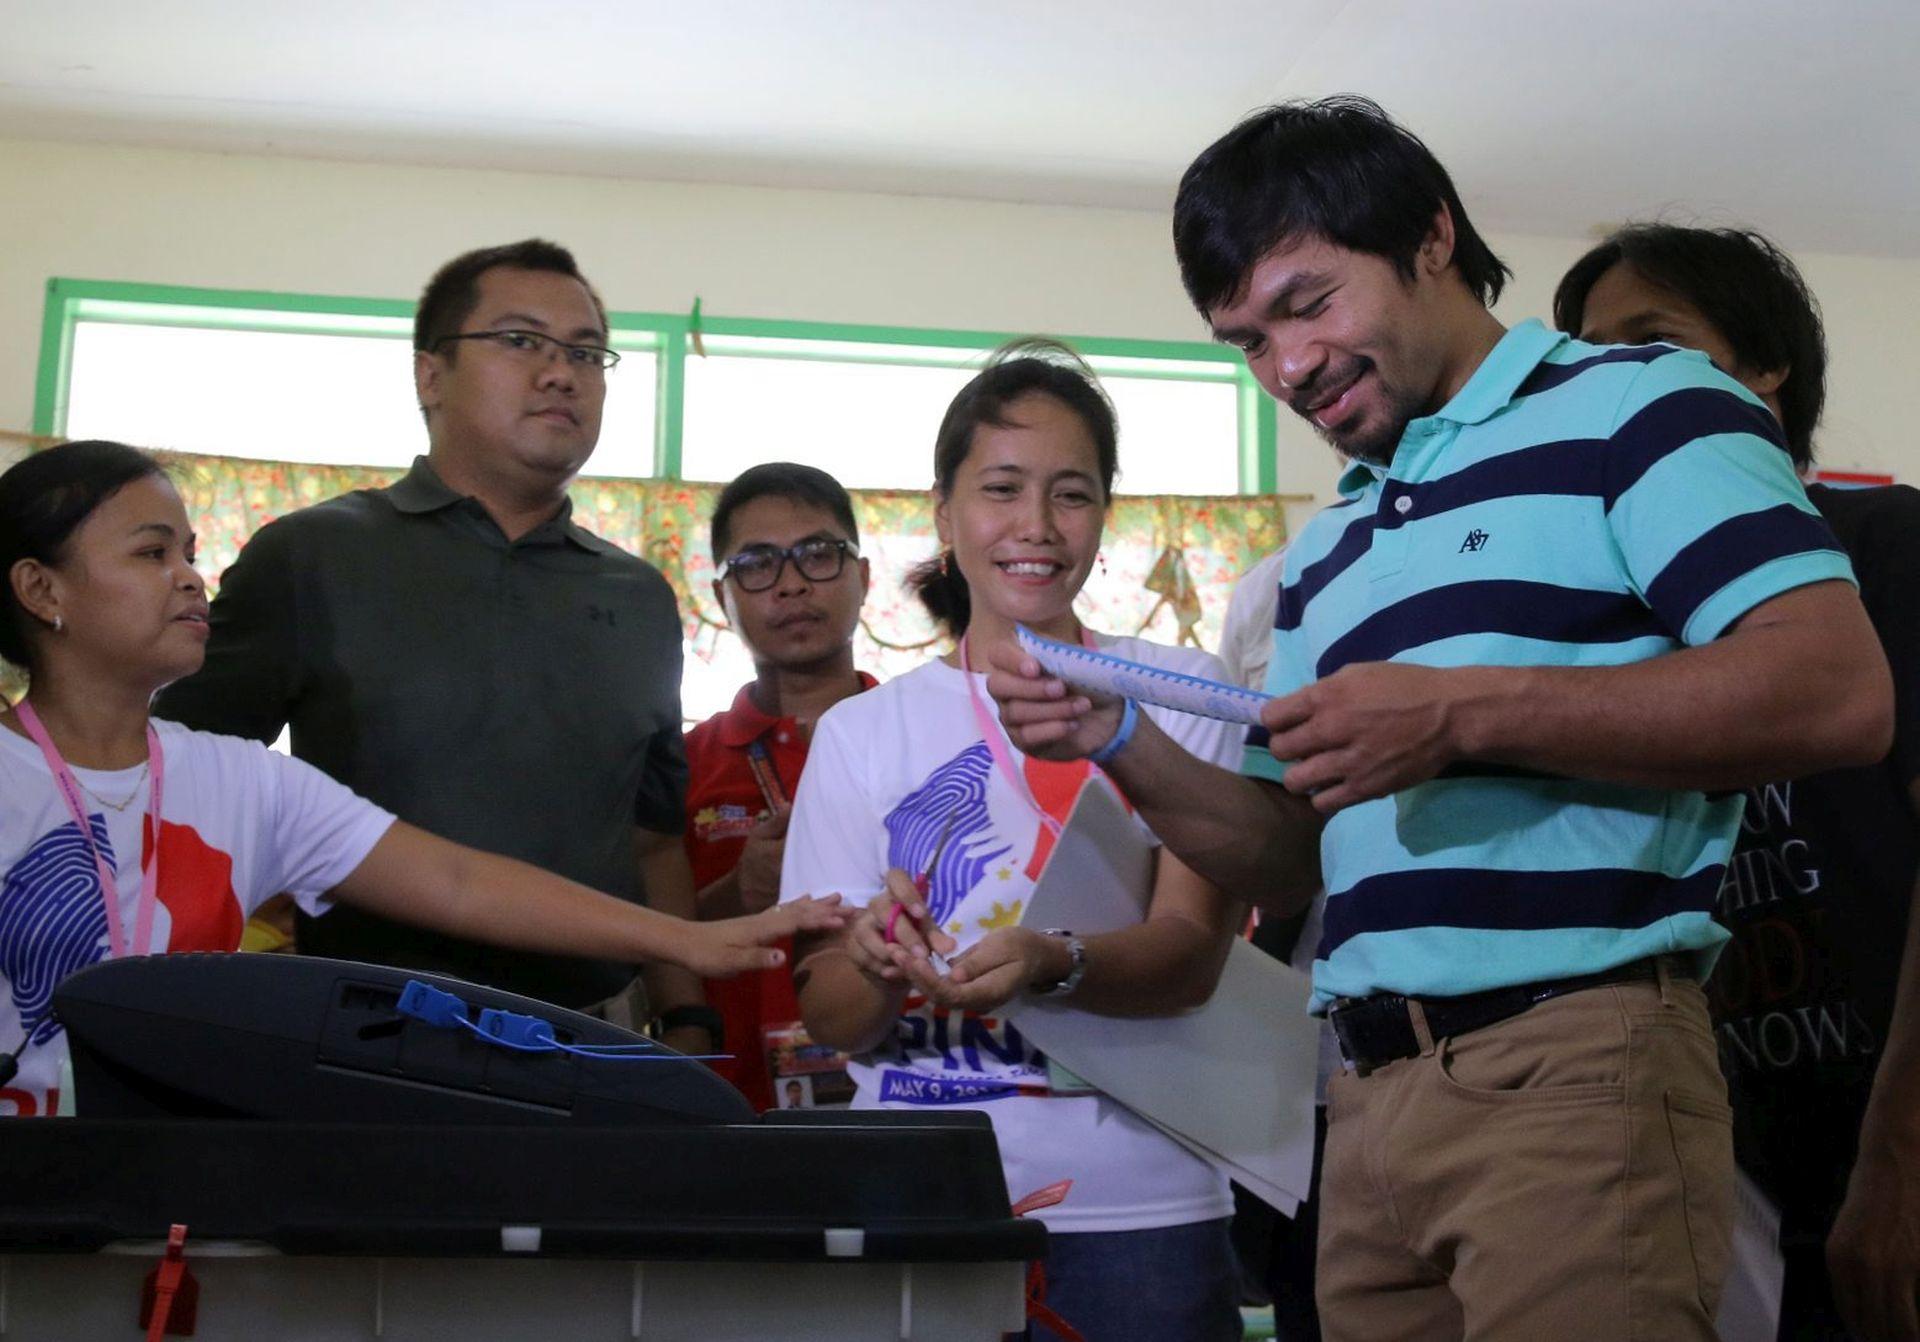 IZBORI NA FILIPINIMA: Odlučivanje između demokracije i povratka u diktaturu